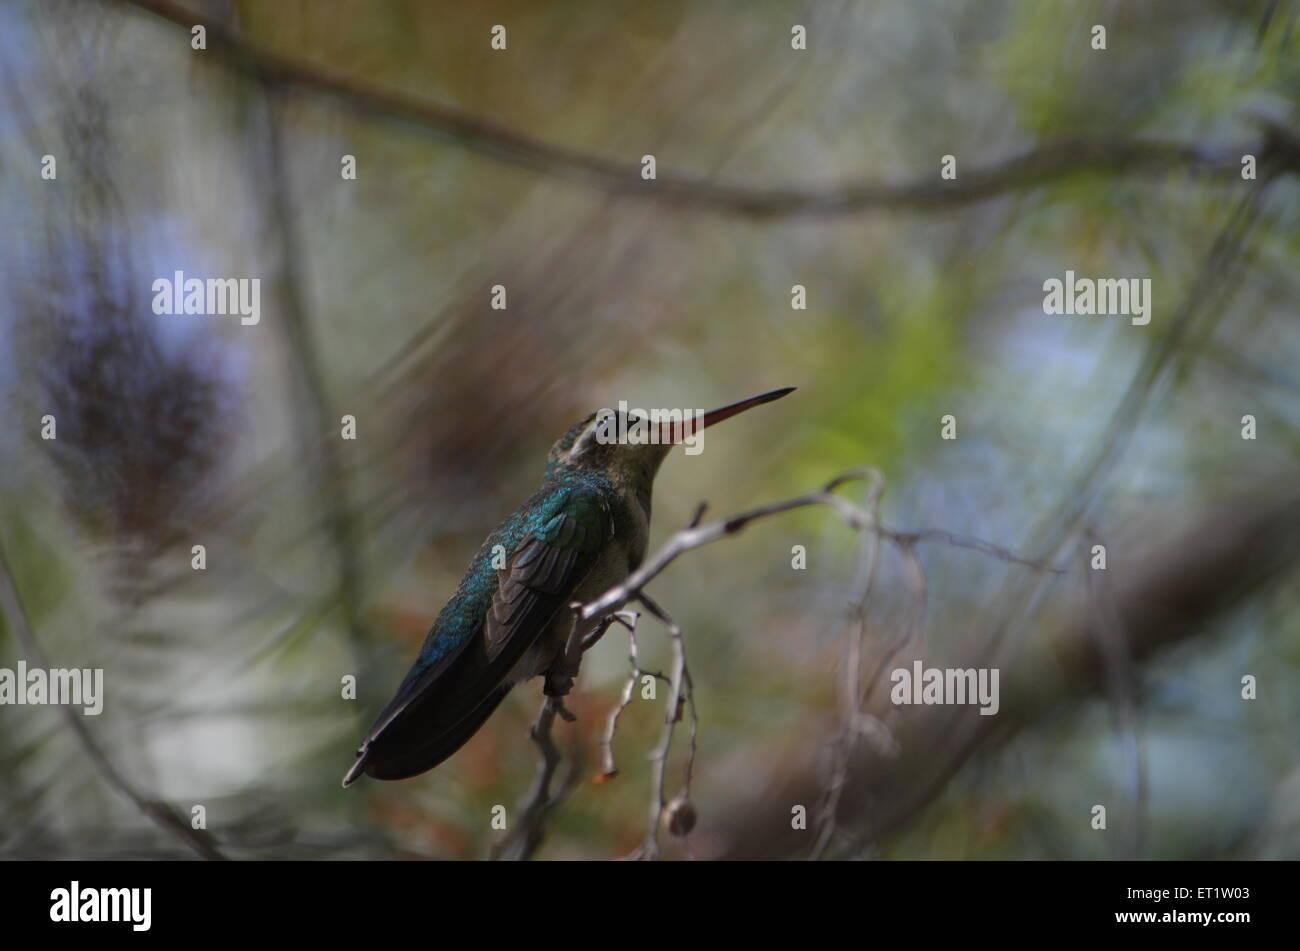 Humming-bird Photo Stock